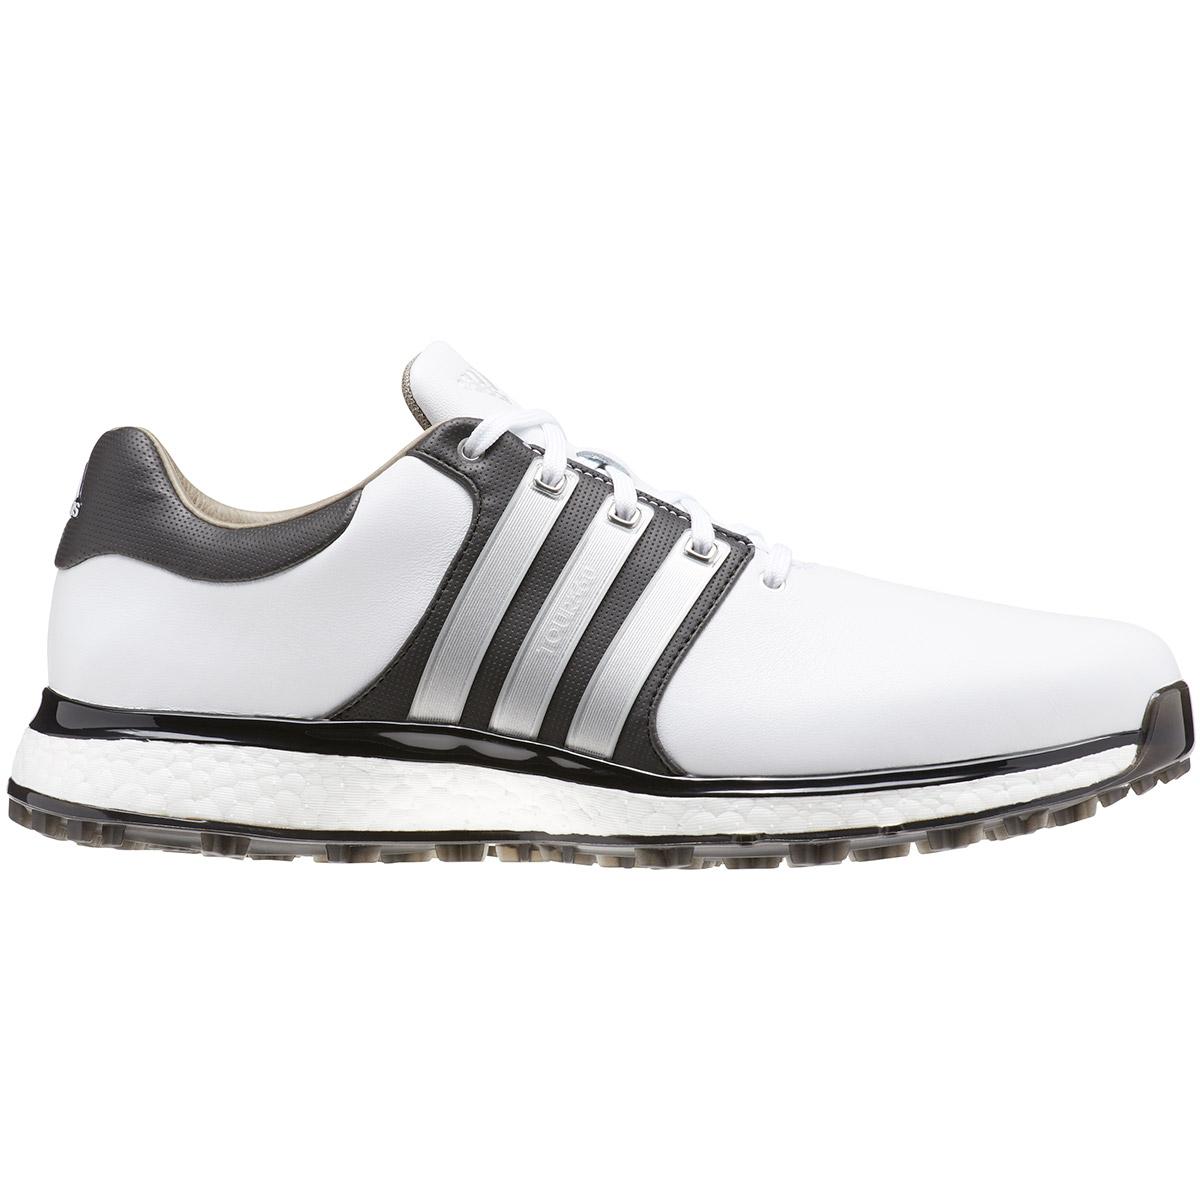 adidas Golf Tour 360 XT-SL Shoe from